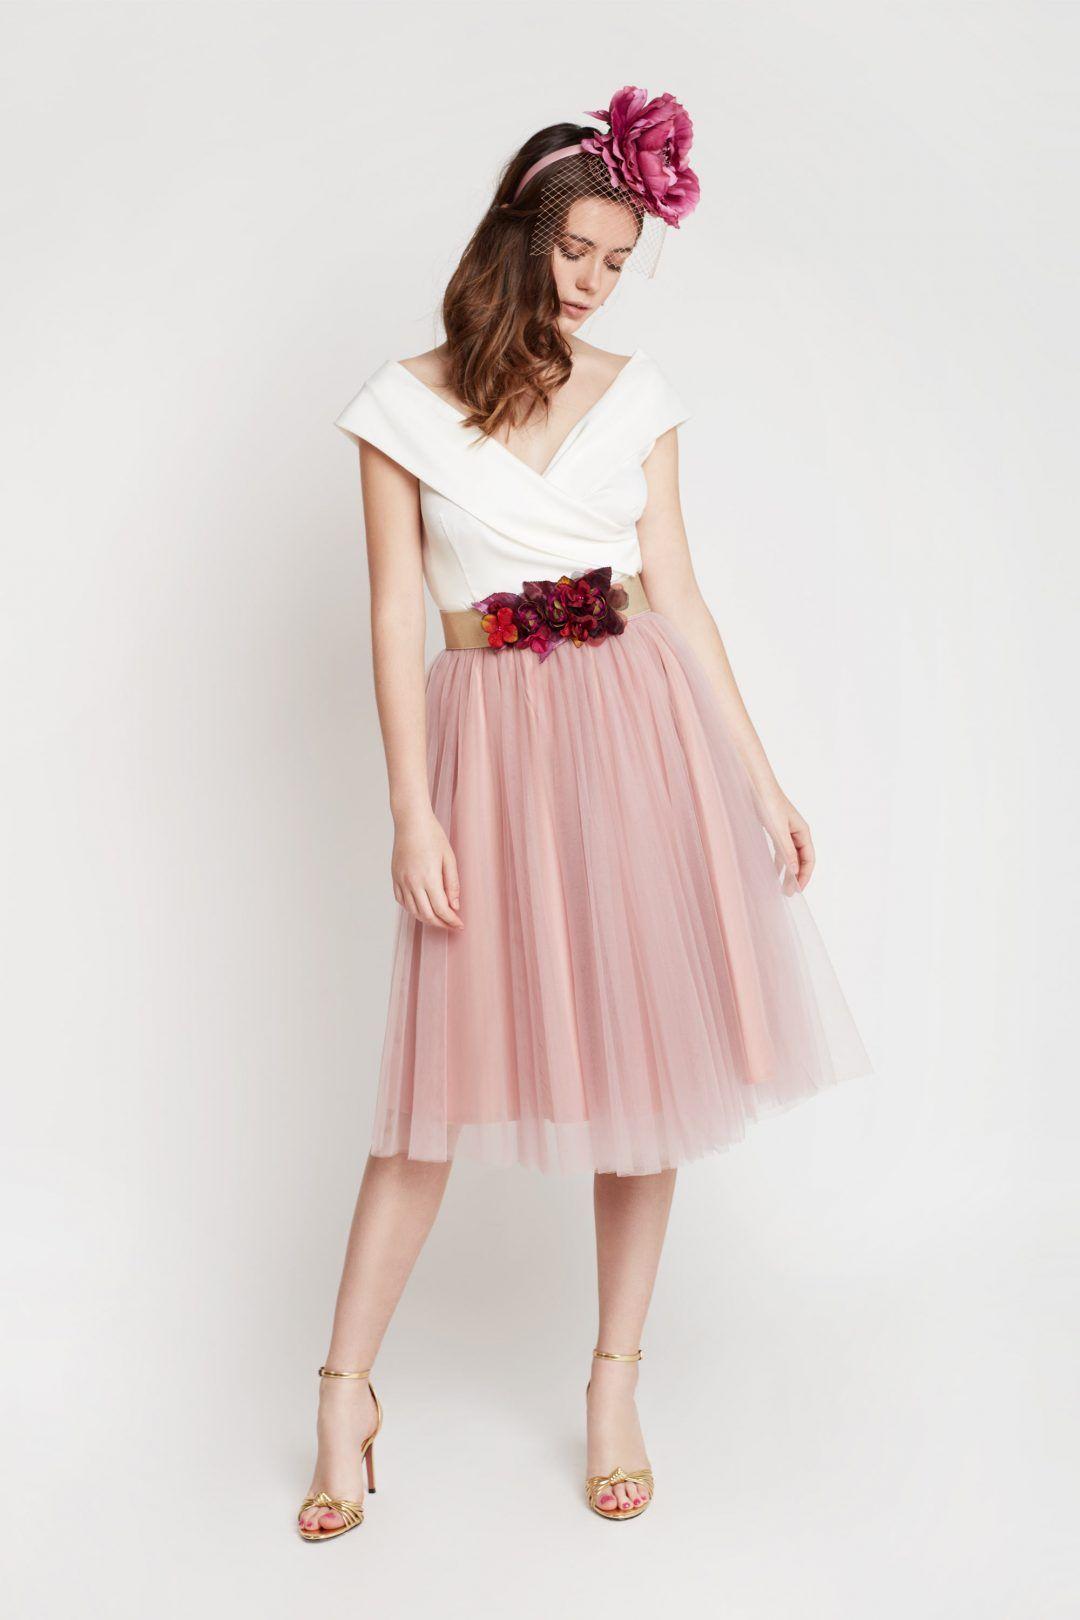 Falda de tul midi rosa | Faldas tul, Vestidos invitada boda y Tul